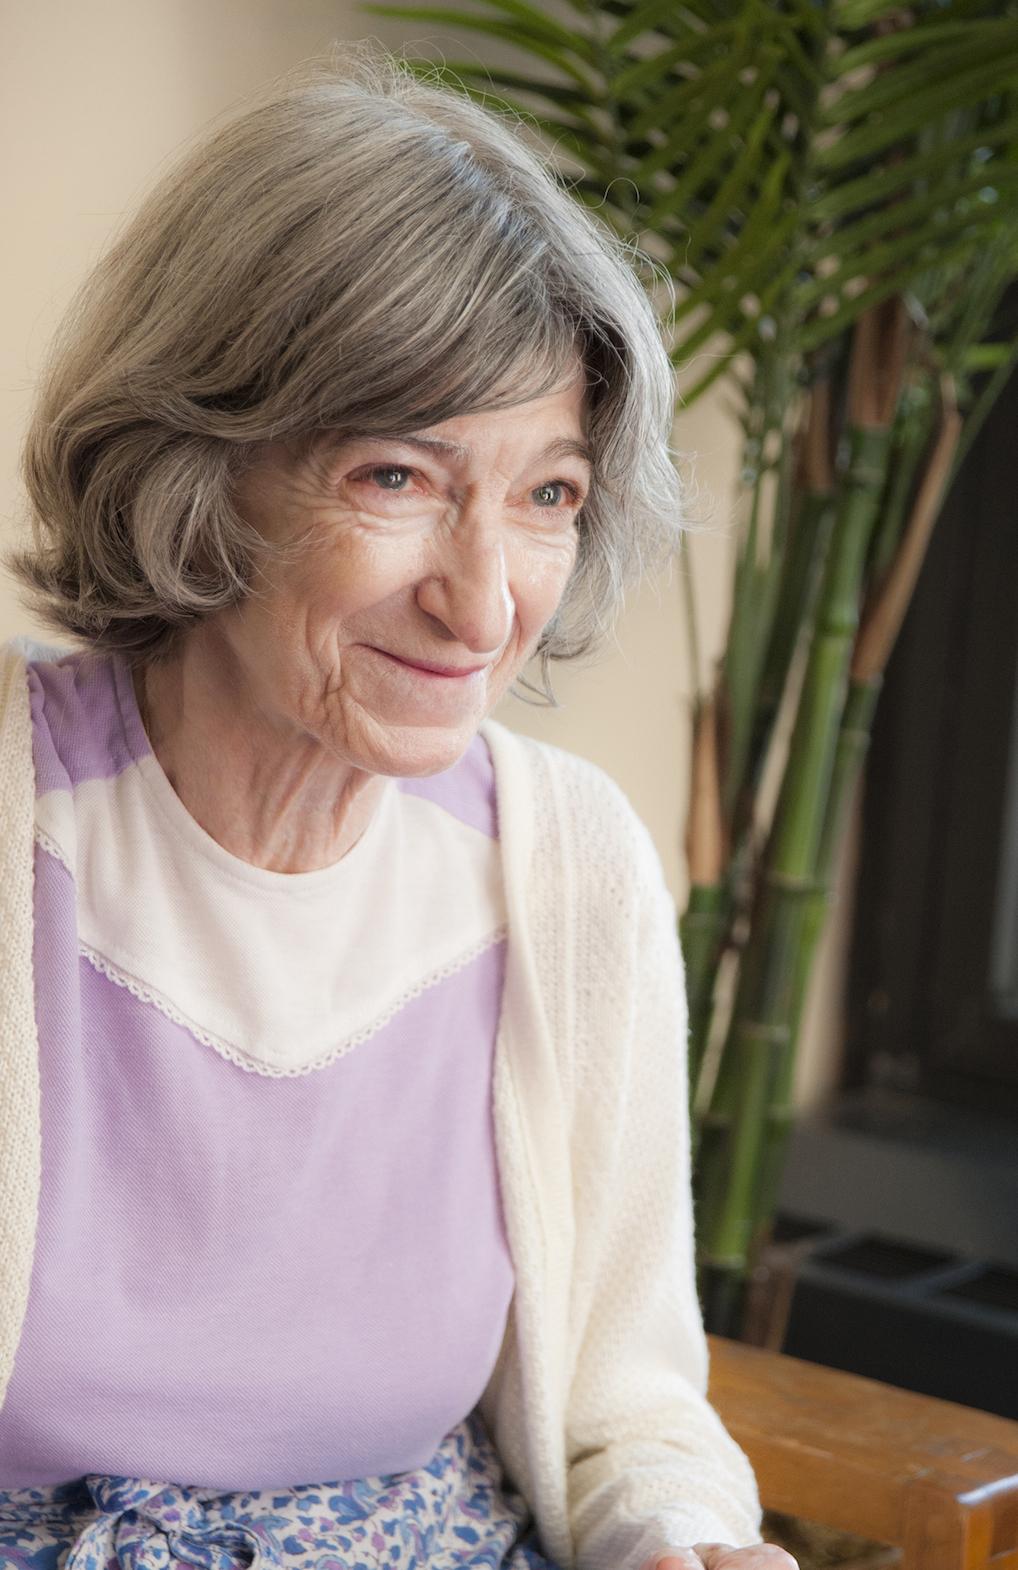 Dr. Susan Bendor